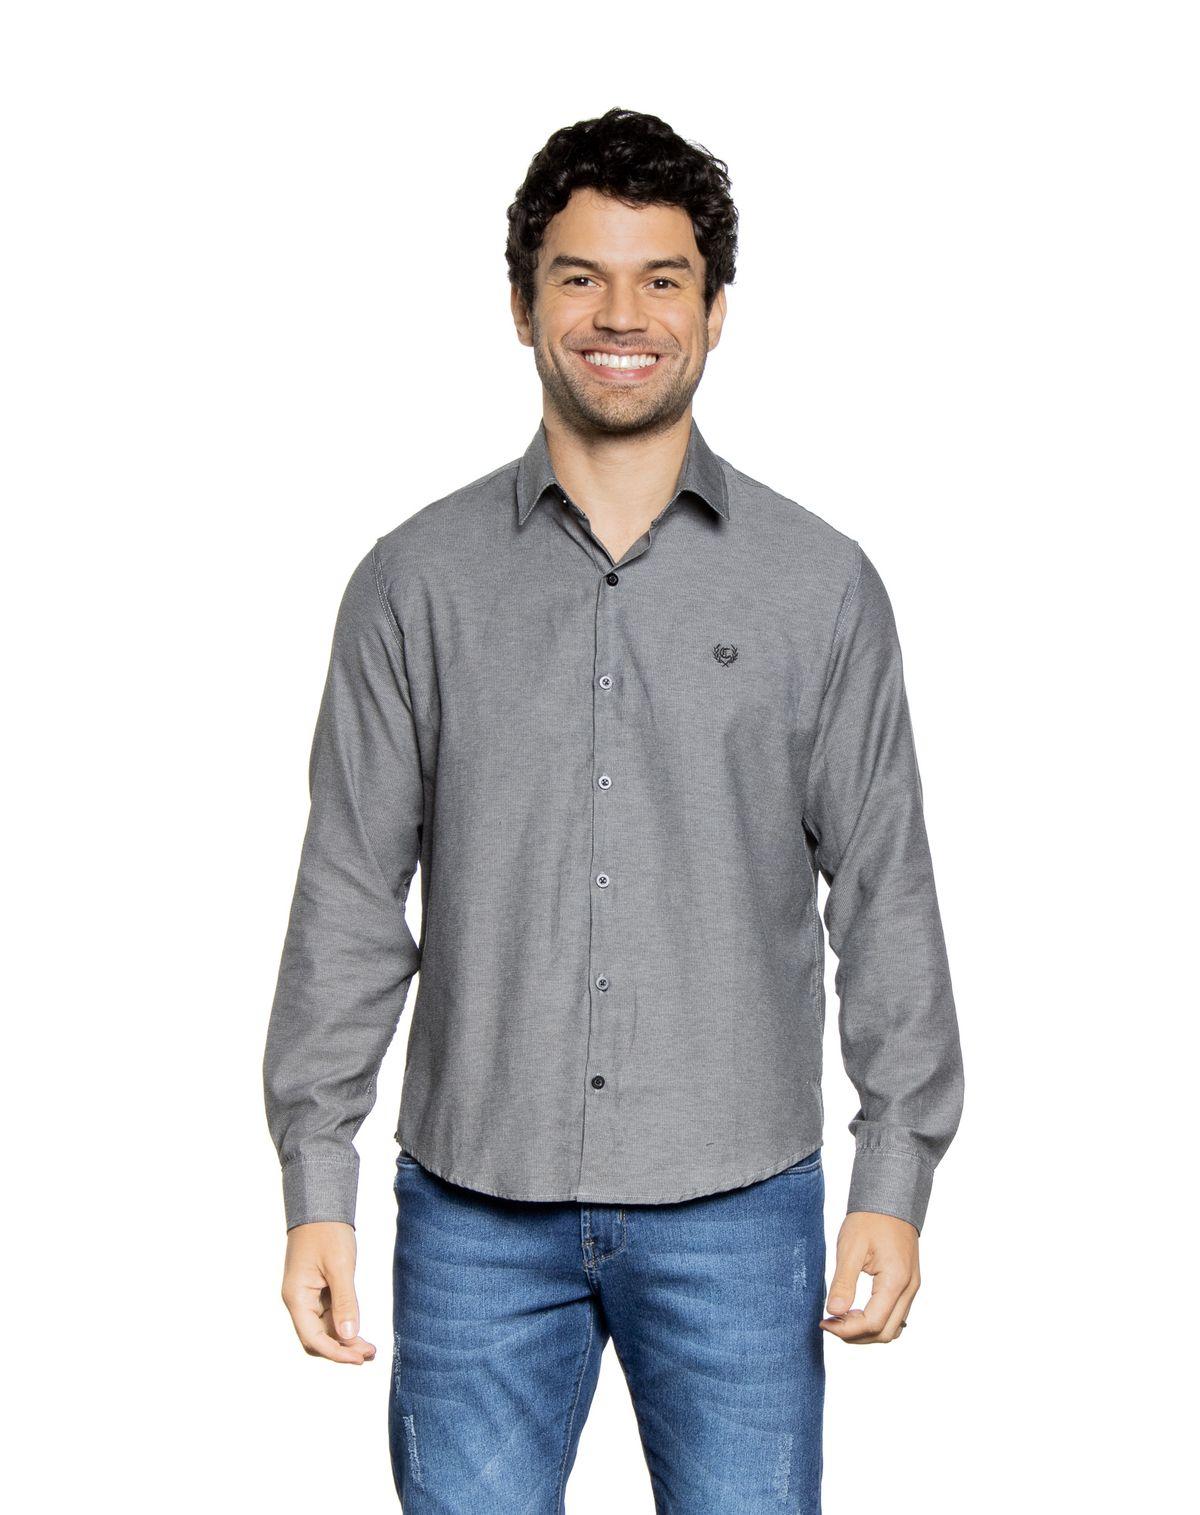 580303008-camisa-manga-longa-textura-masculina-mescla-gg-bf7